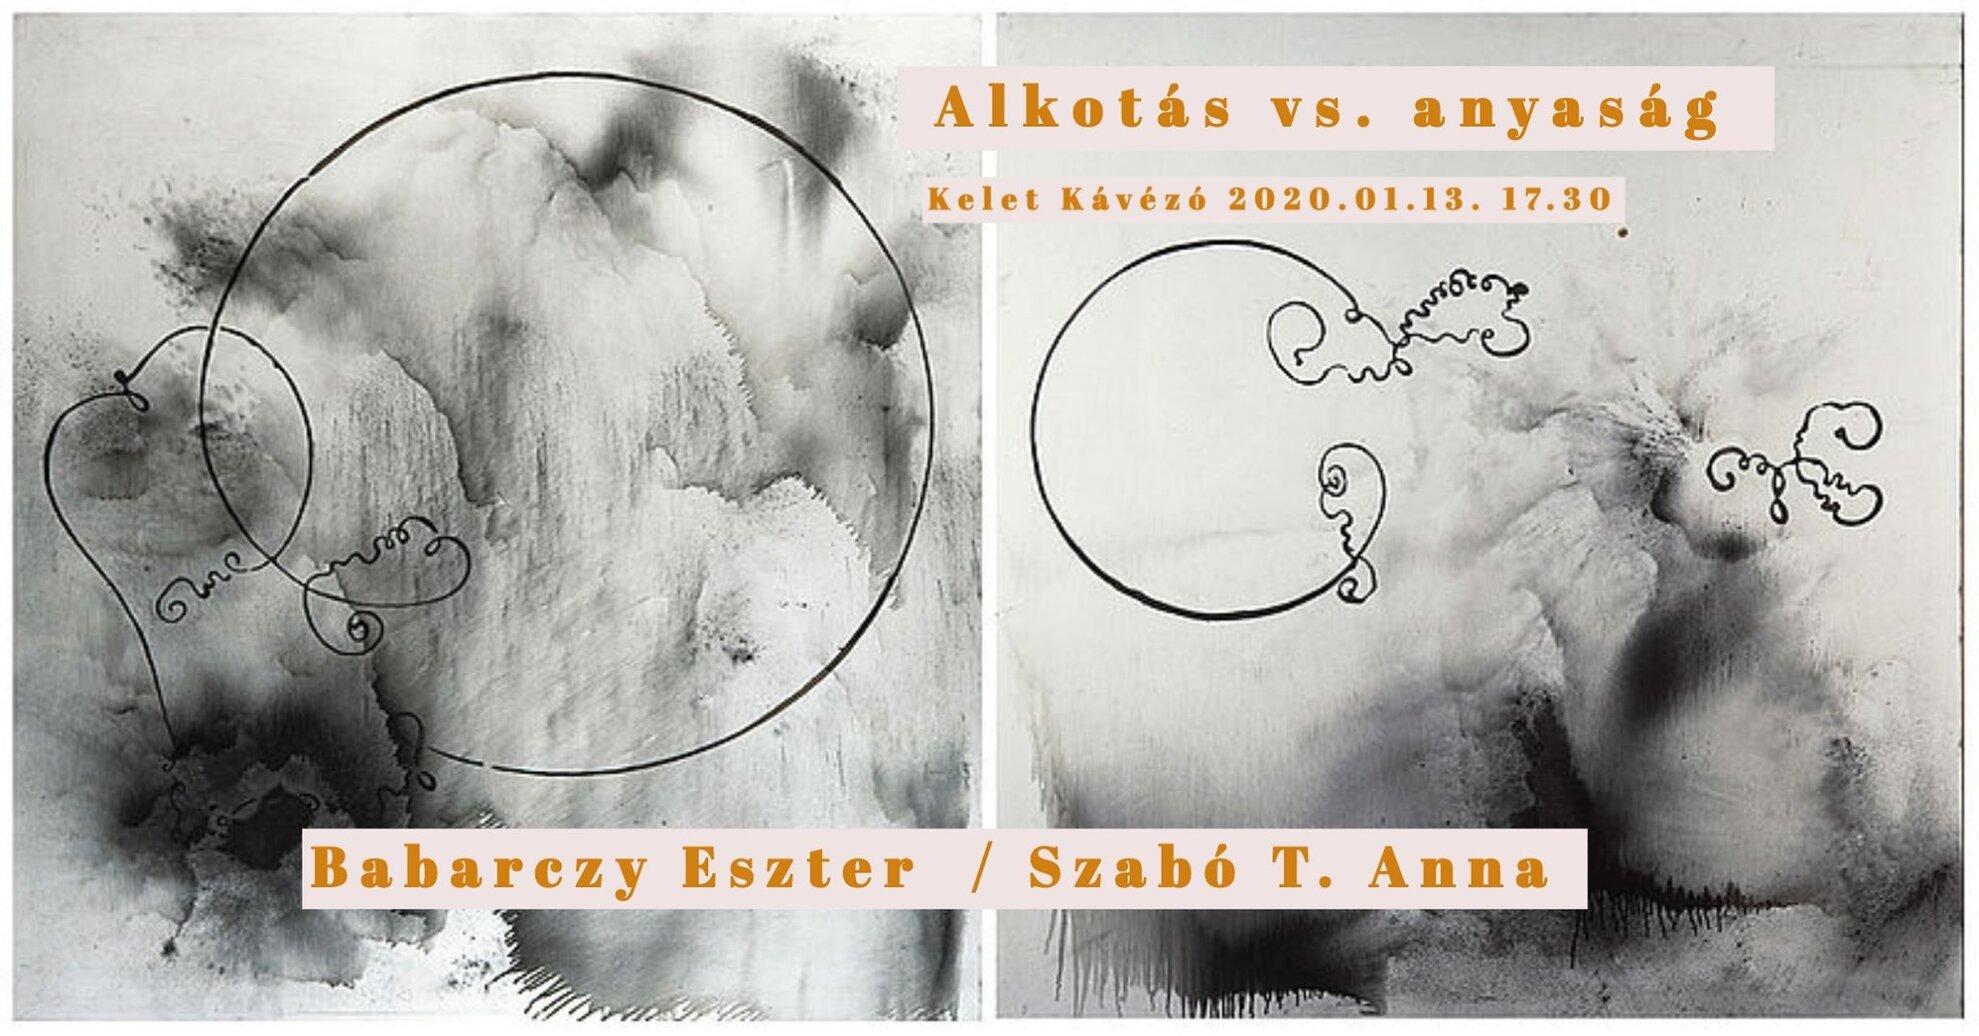 Babarczy Eszter / Szabó T. Anna – Alkotás vs. anyaság